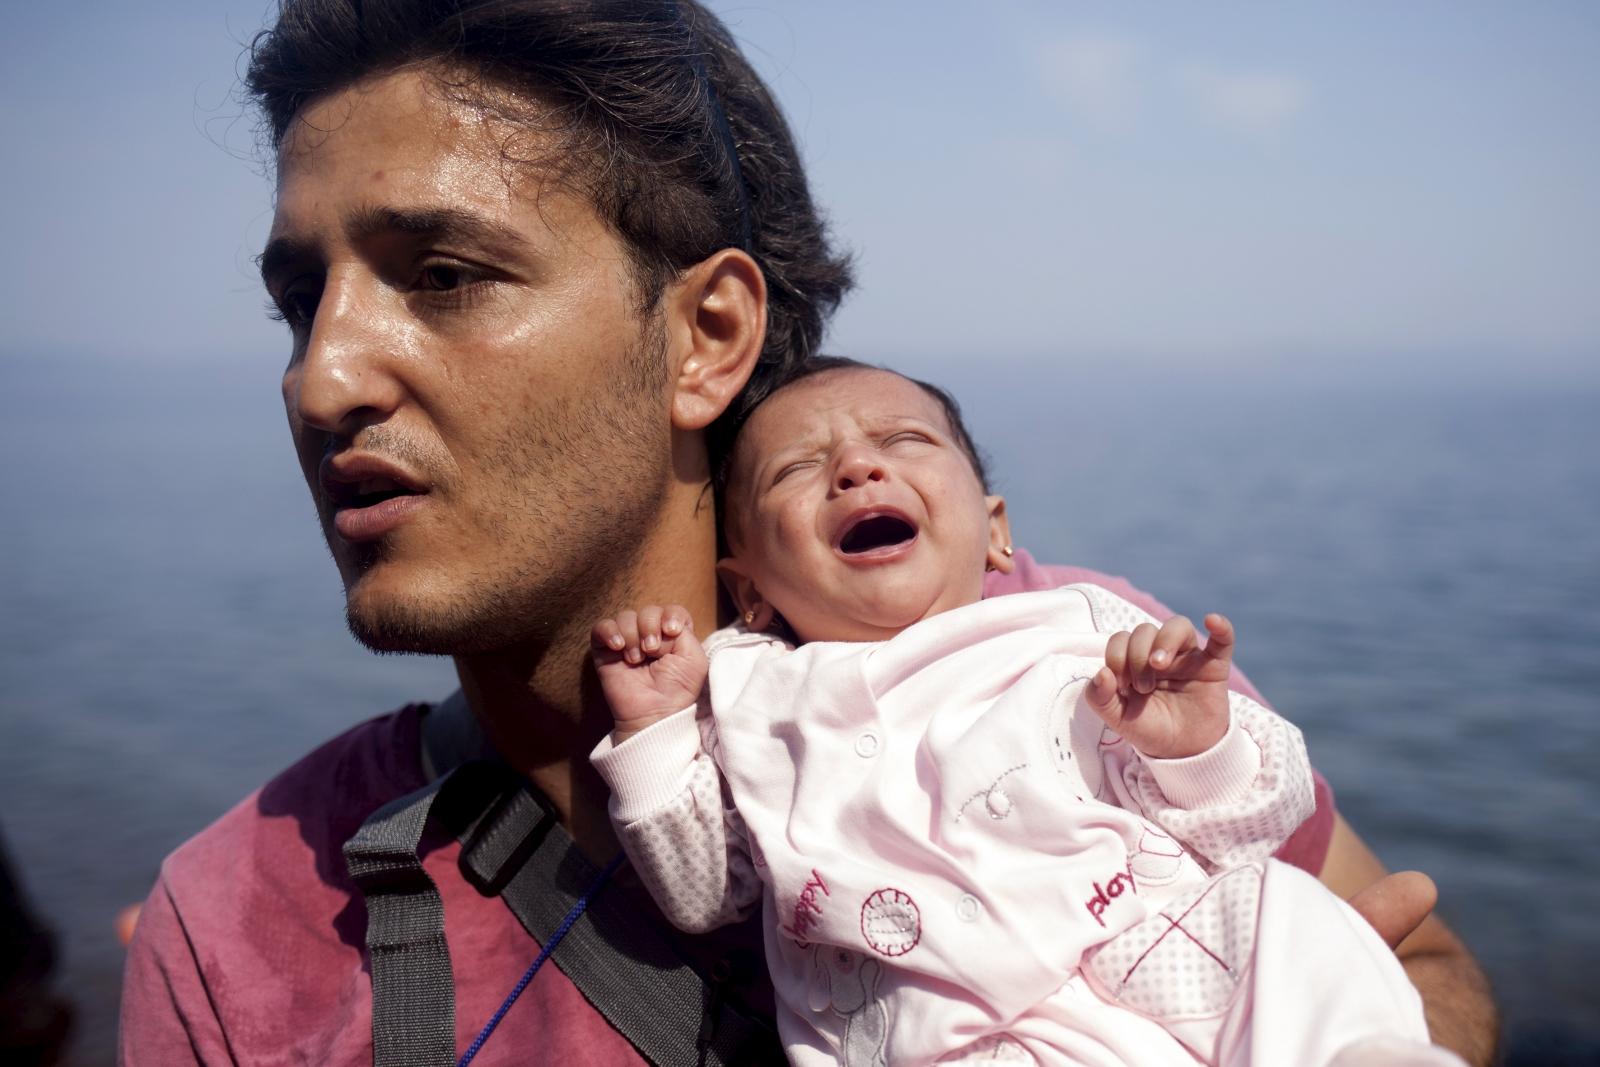 Syrian refugee arrives in Greece